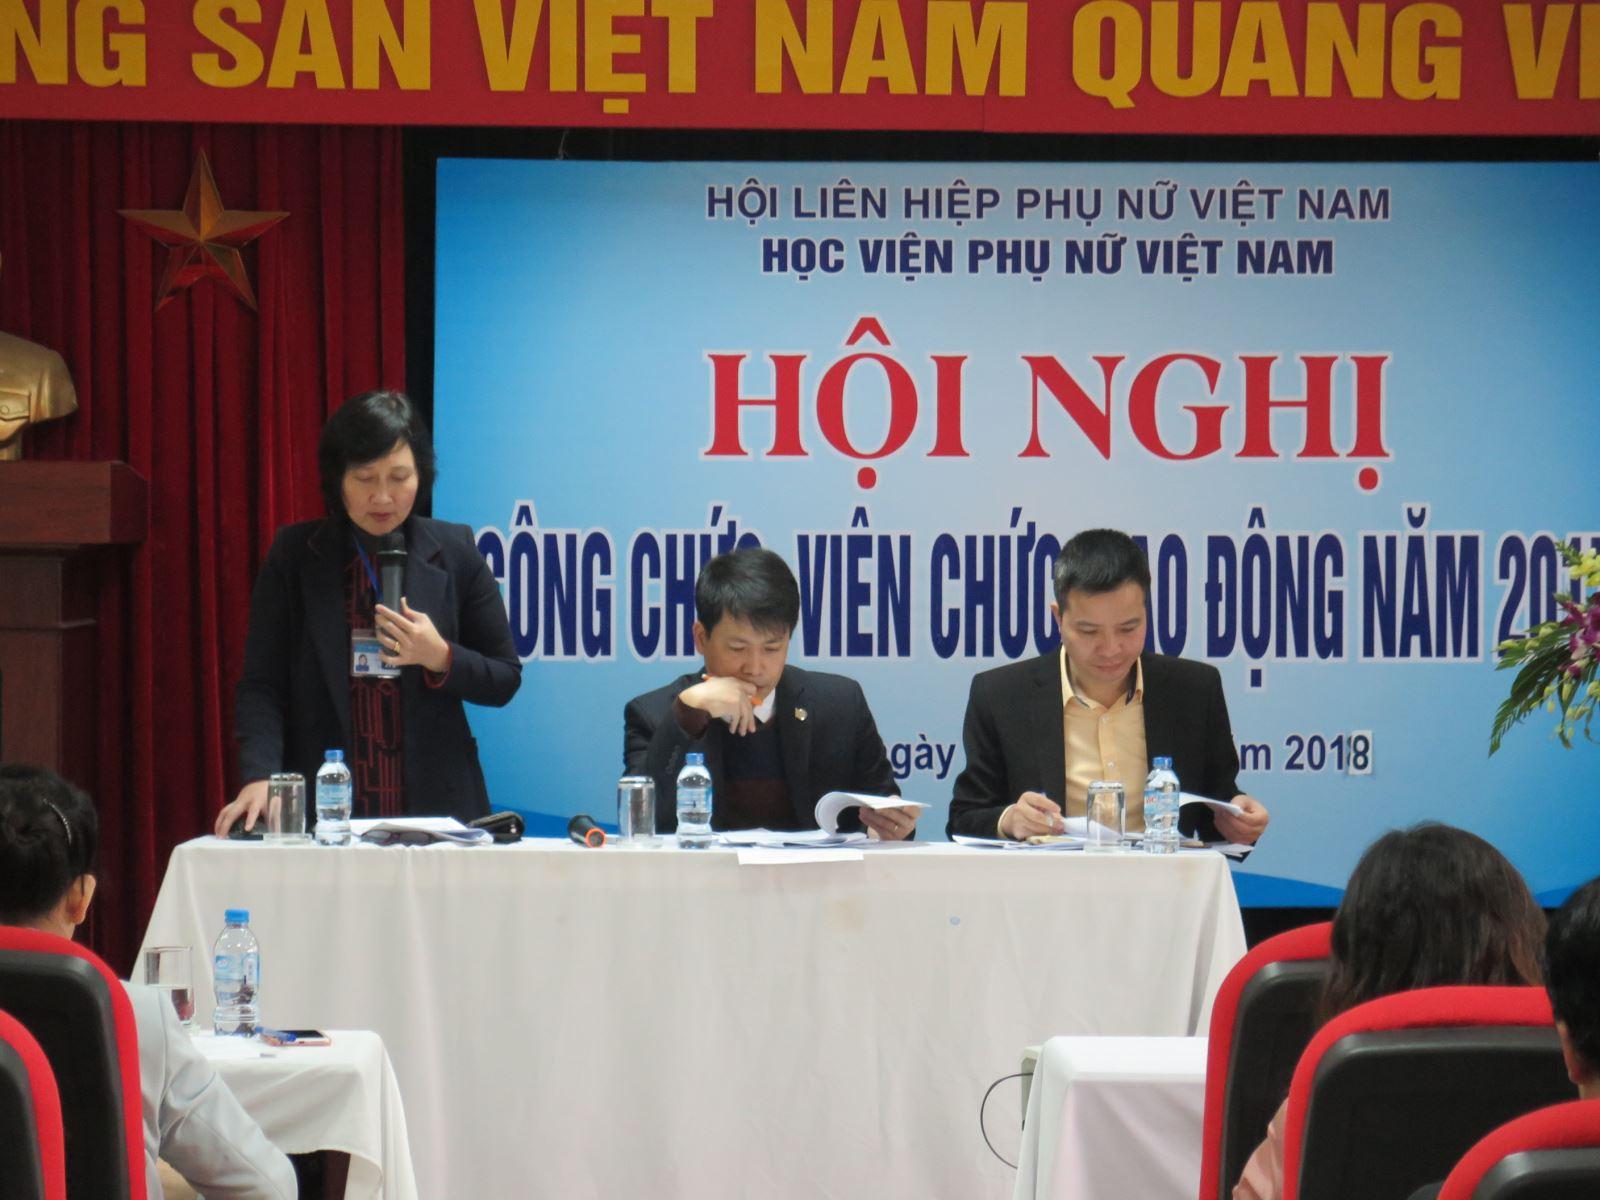 Học viện Phụ nữ Việt Nam tổ chức Hội nghị công chức, viên chức, người lao động năm 2017